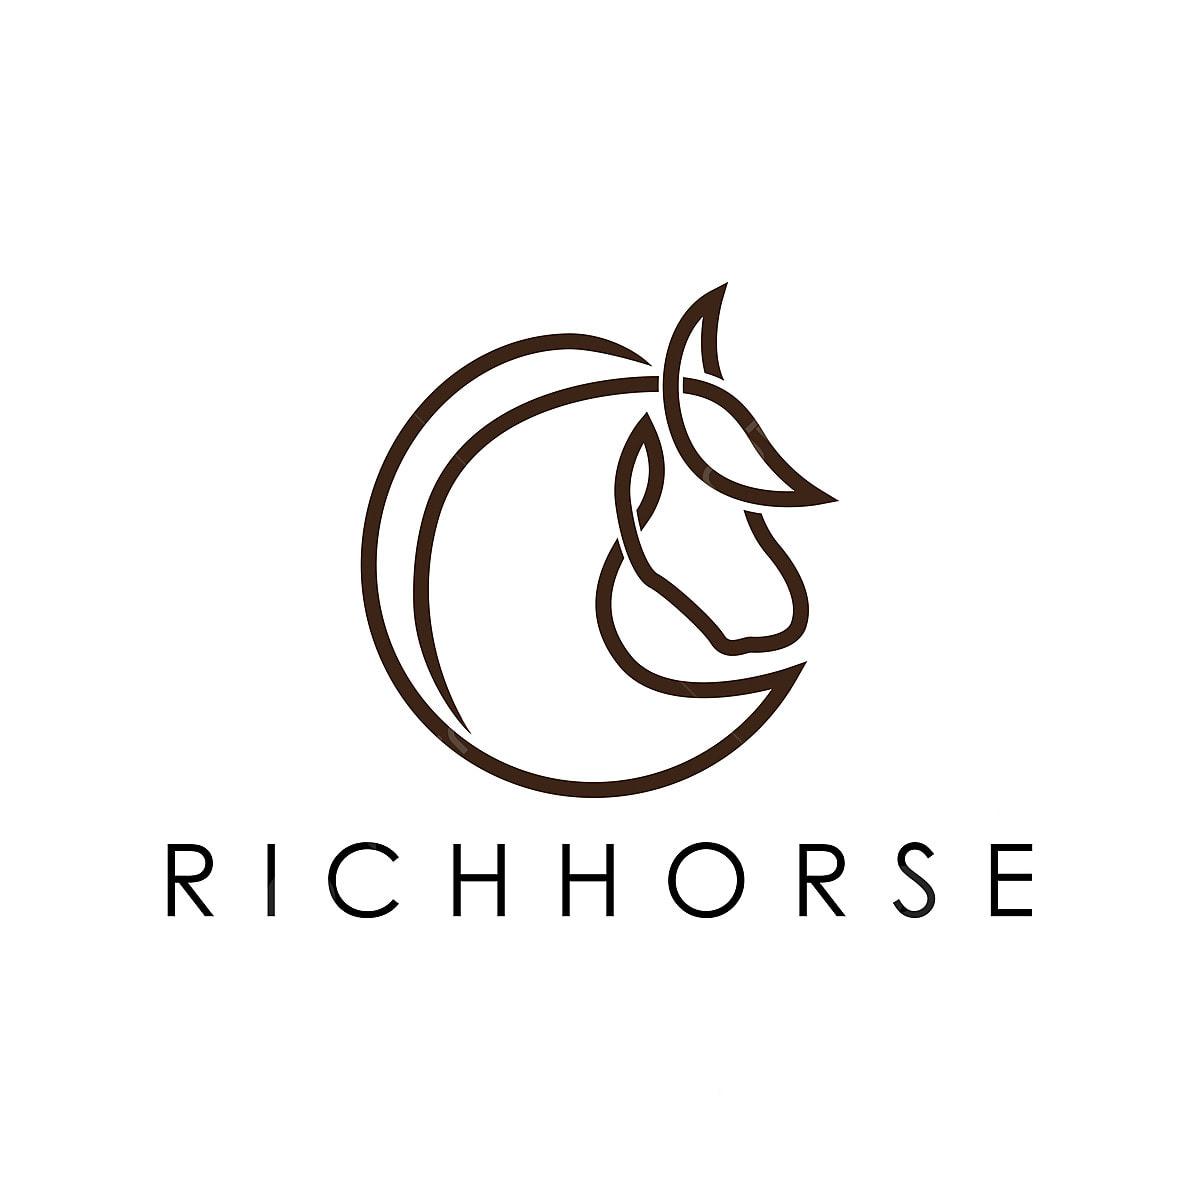 Simple Elegant Monoline Horse Logo Design Template Download On Pngtree